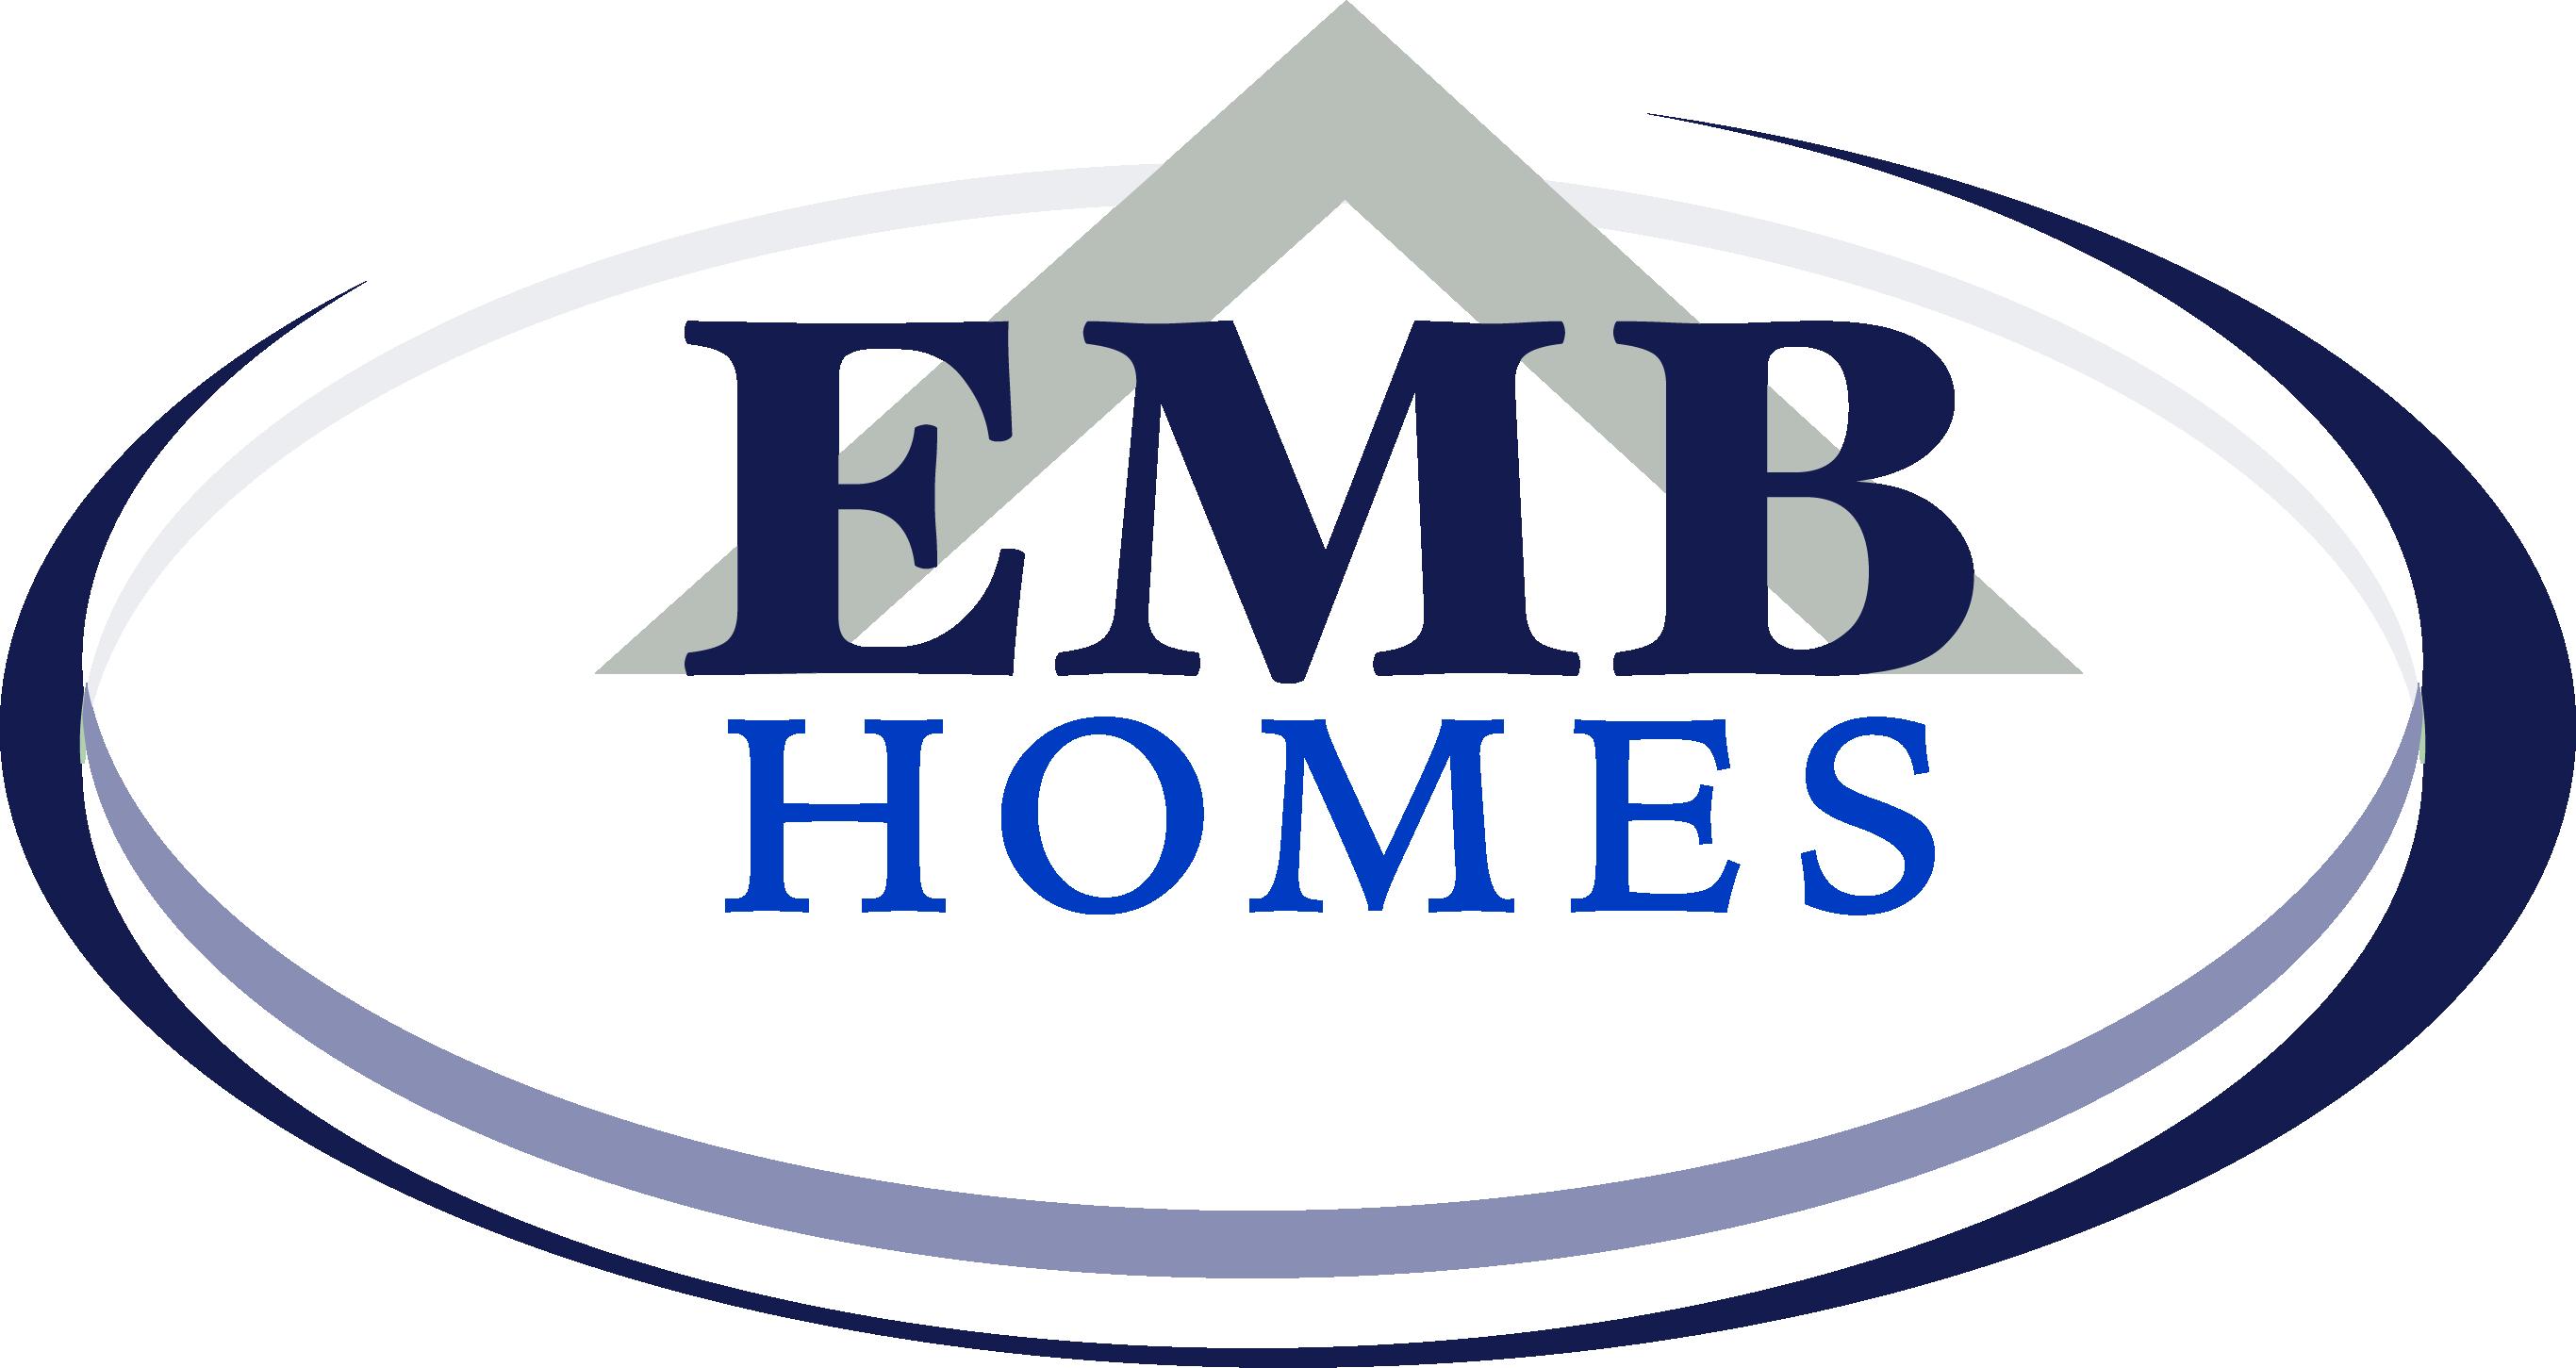 embhomes